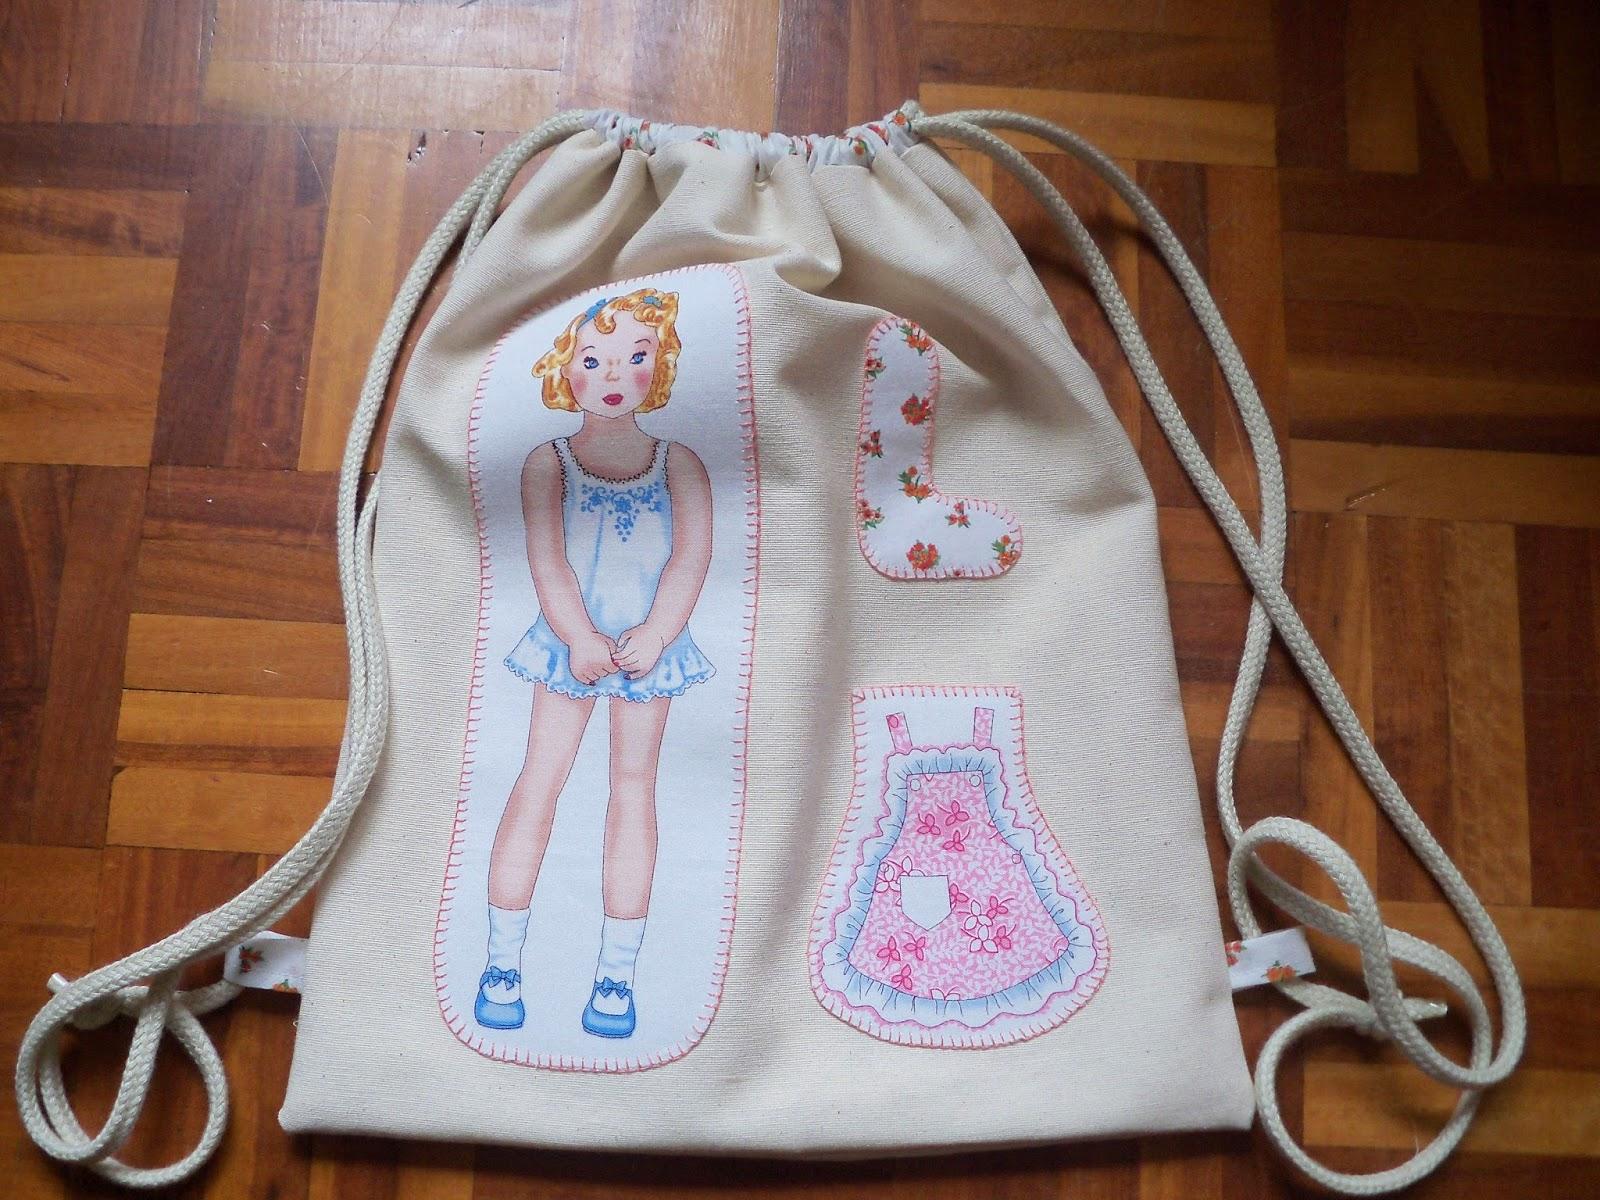 Aurea s kitchen costura paso a paso para hacer una - Hacer bolsos de tela paso a paso ...